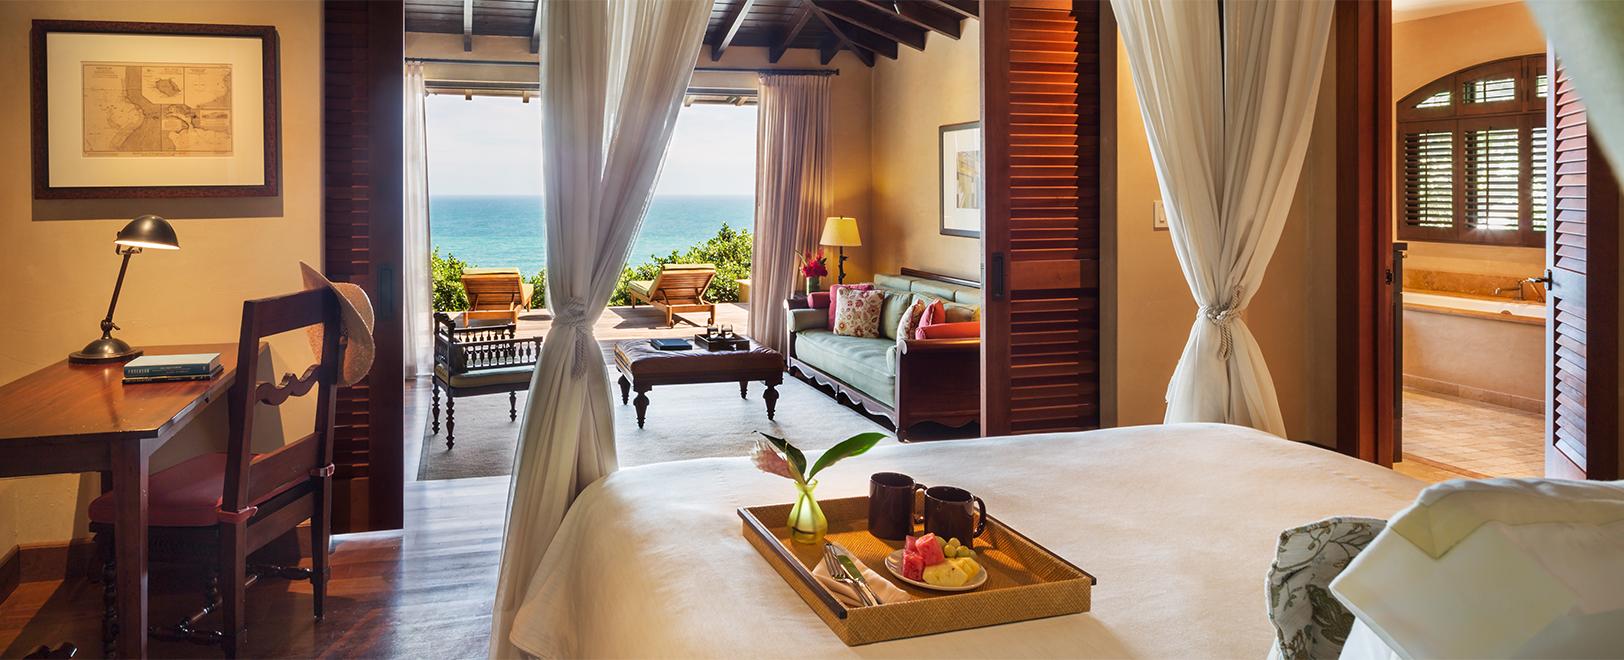 Isabela Puerto Rico Resorts | Royal Isabela | Hotels In